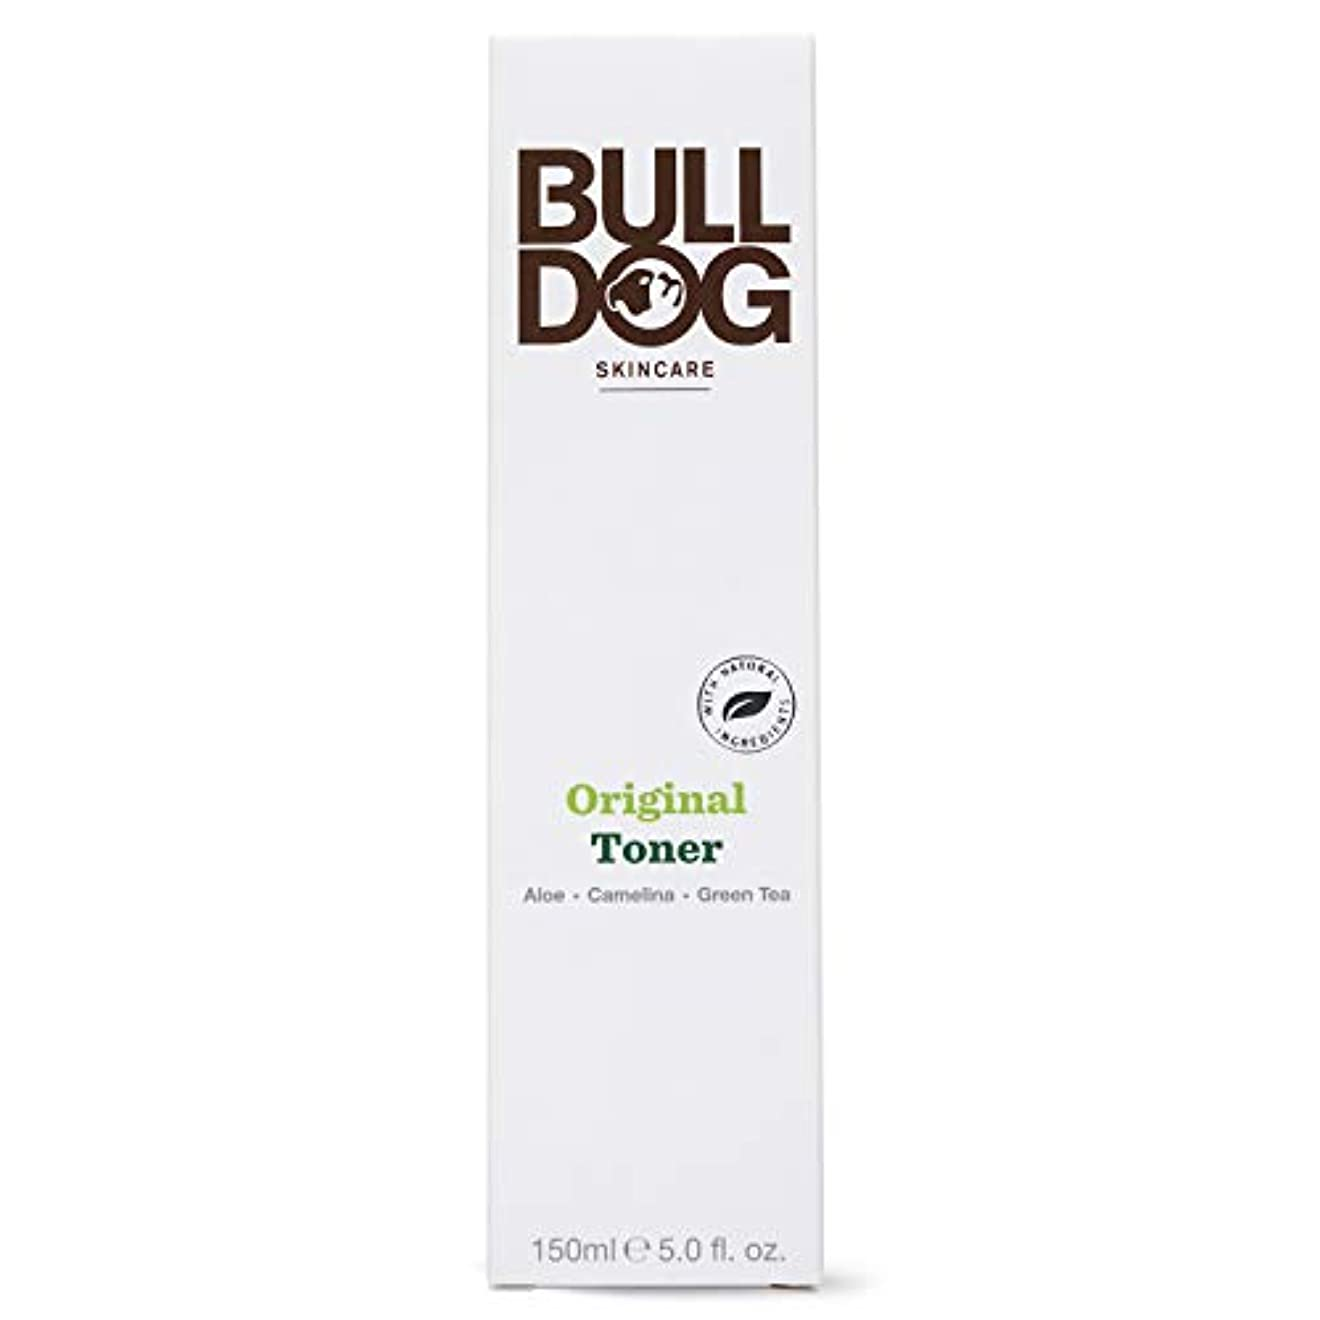 相談するチケット啓発するBulldog(ブルドッグ) ブルドッグ Bulldog オリジナル トナー 化粧水 150ml 肌をすっきり なめらかに